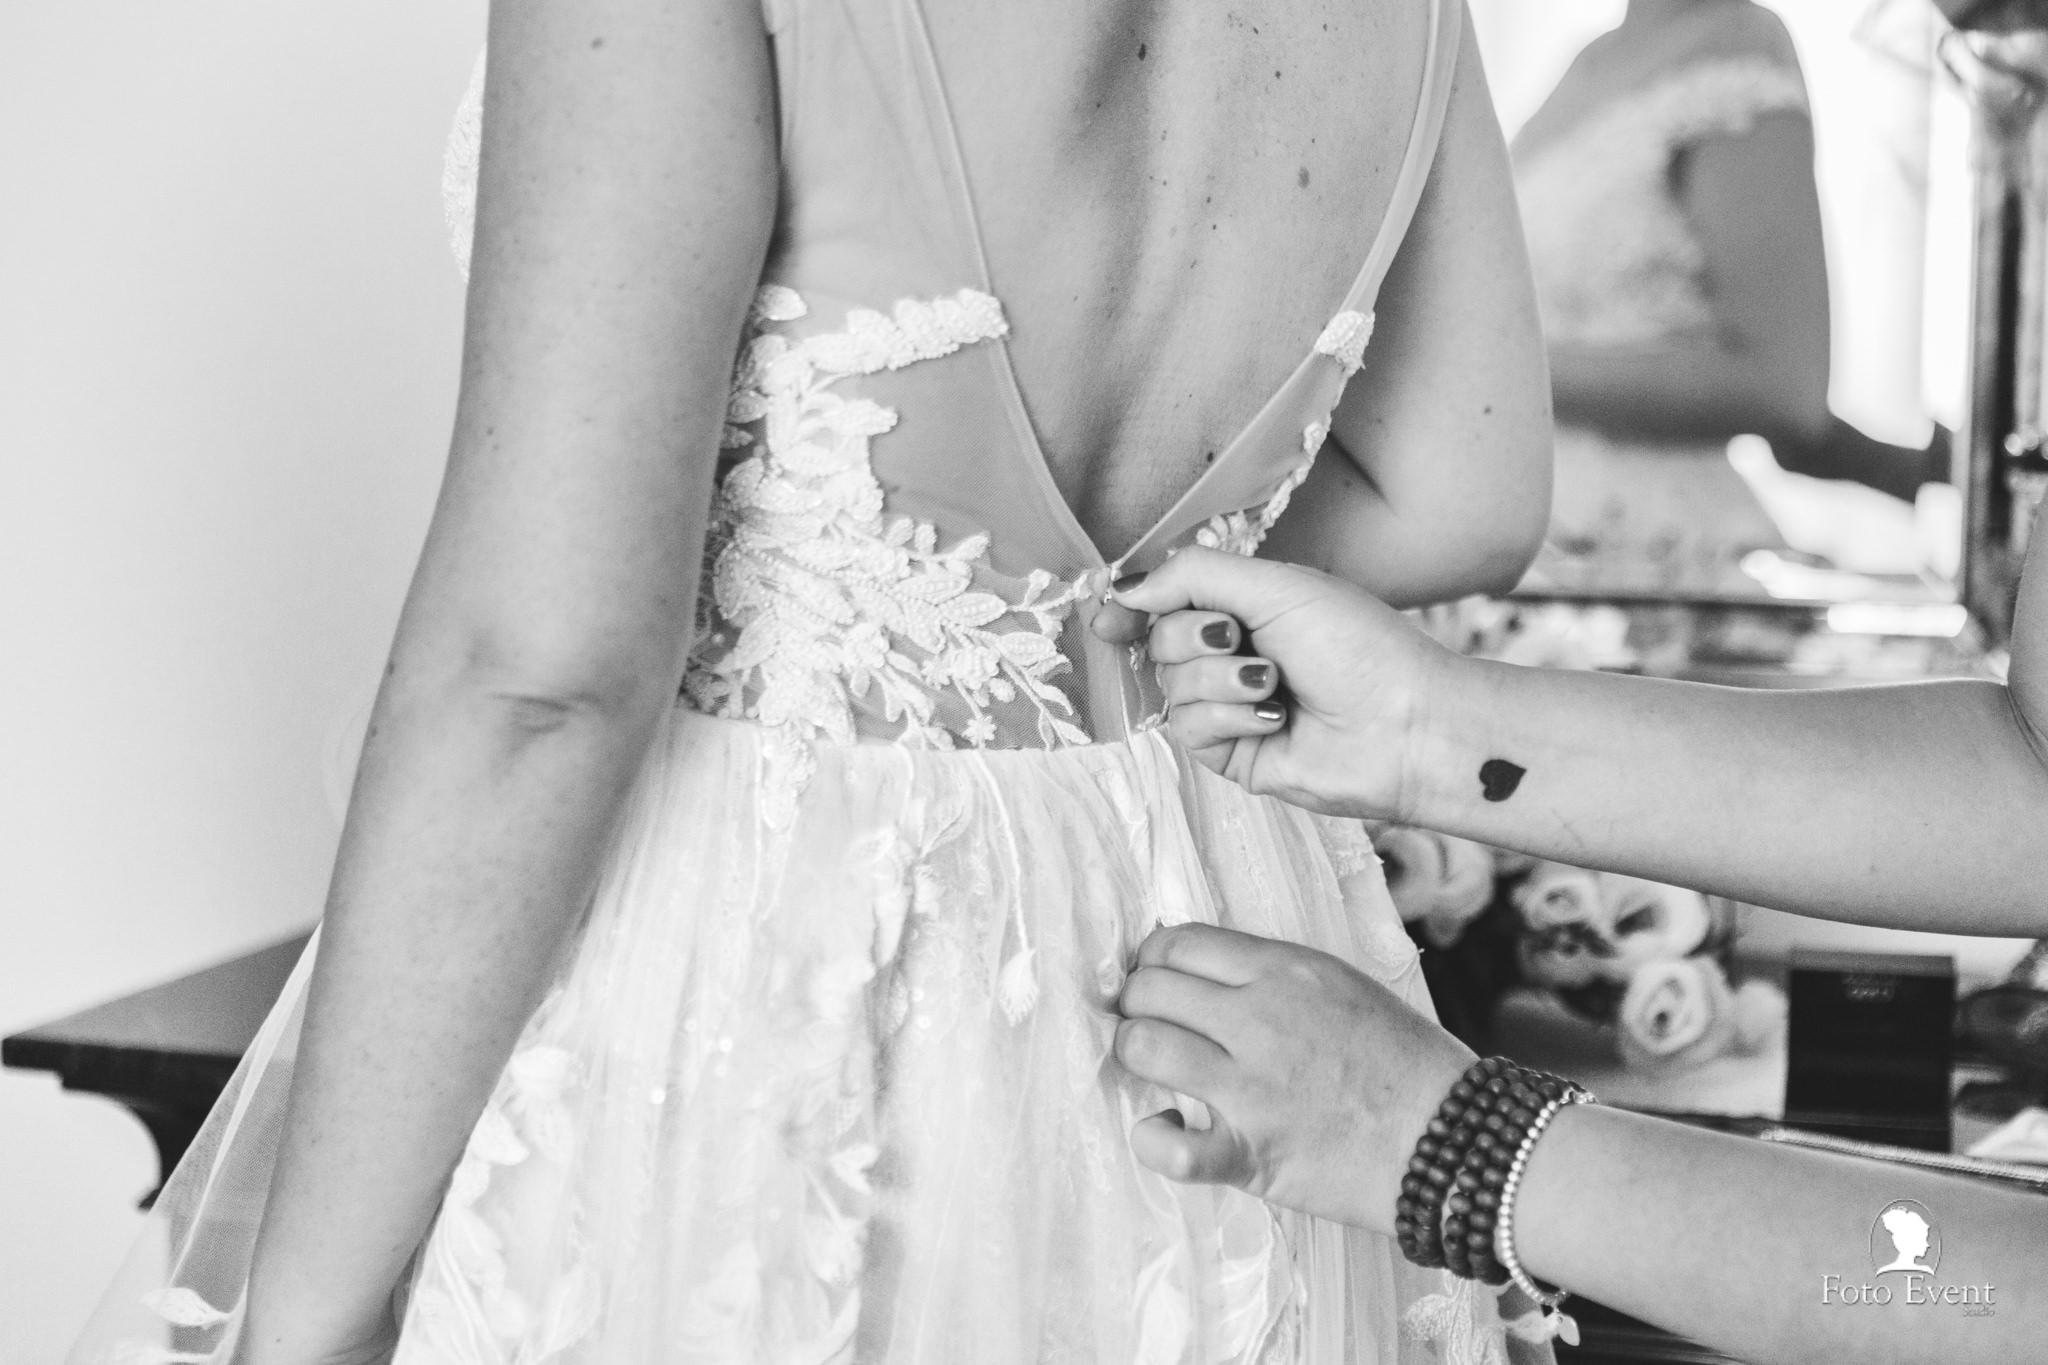 011-2019-09-09-Matrimonio-Dorotea-e-Alberto-Iemmolo-5DE-061-Edit